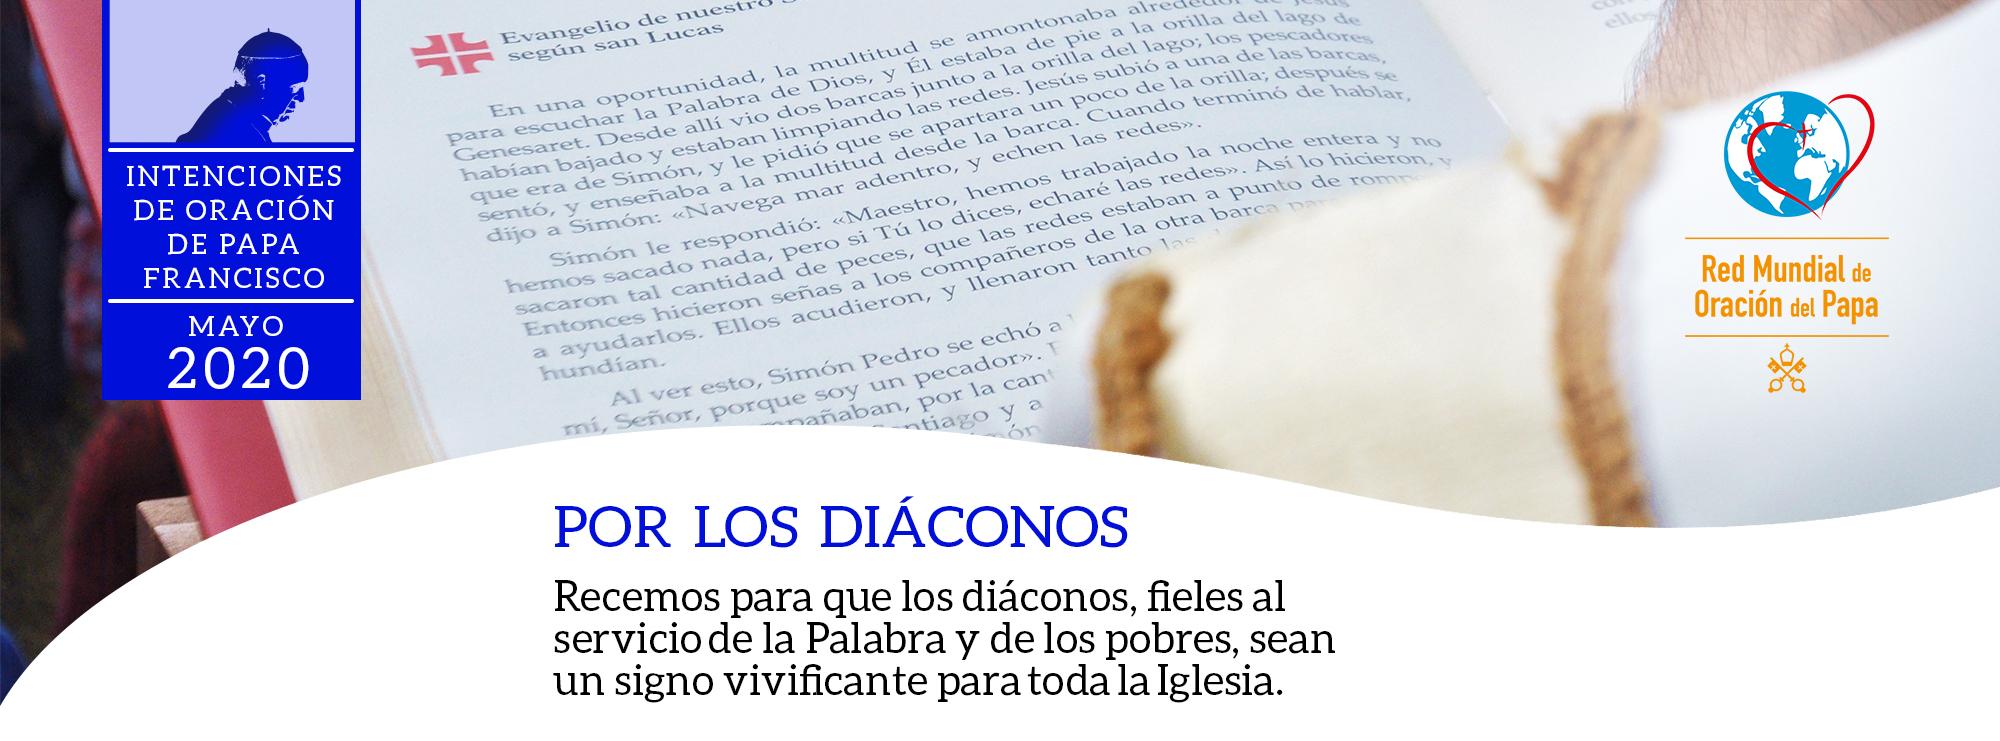 por los diáconos red mundial de oración del papa